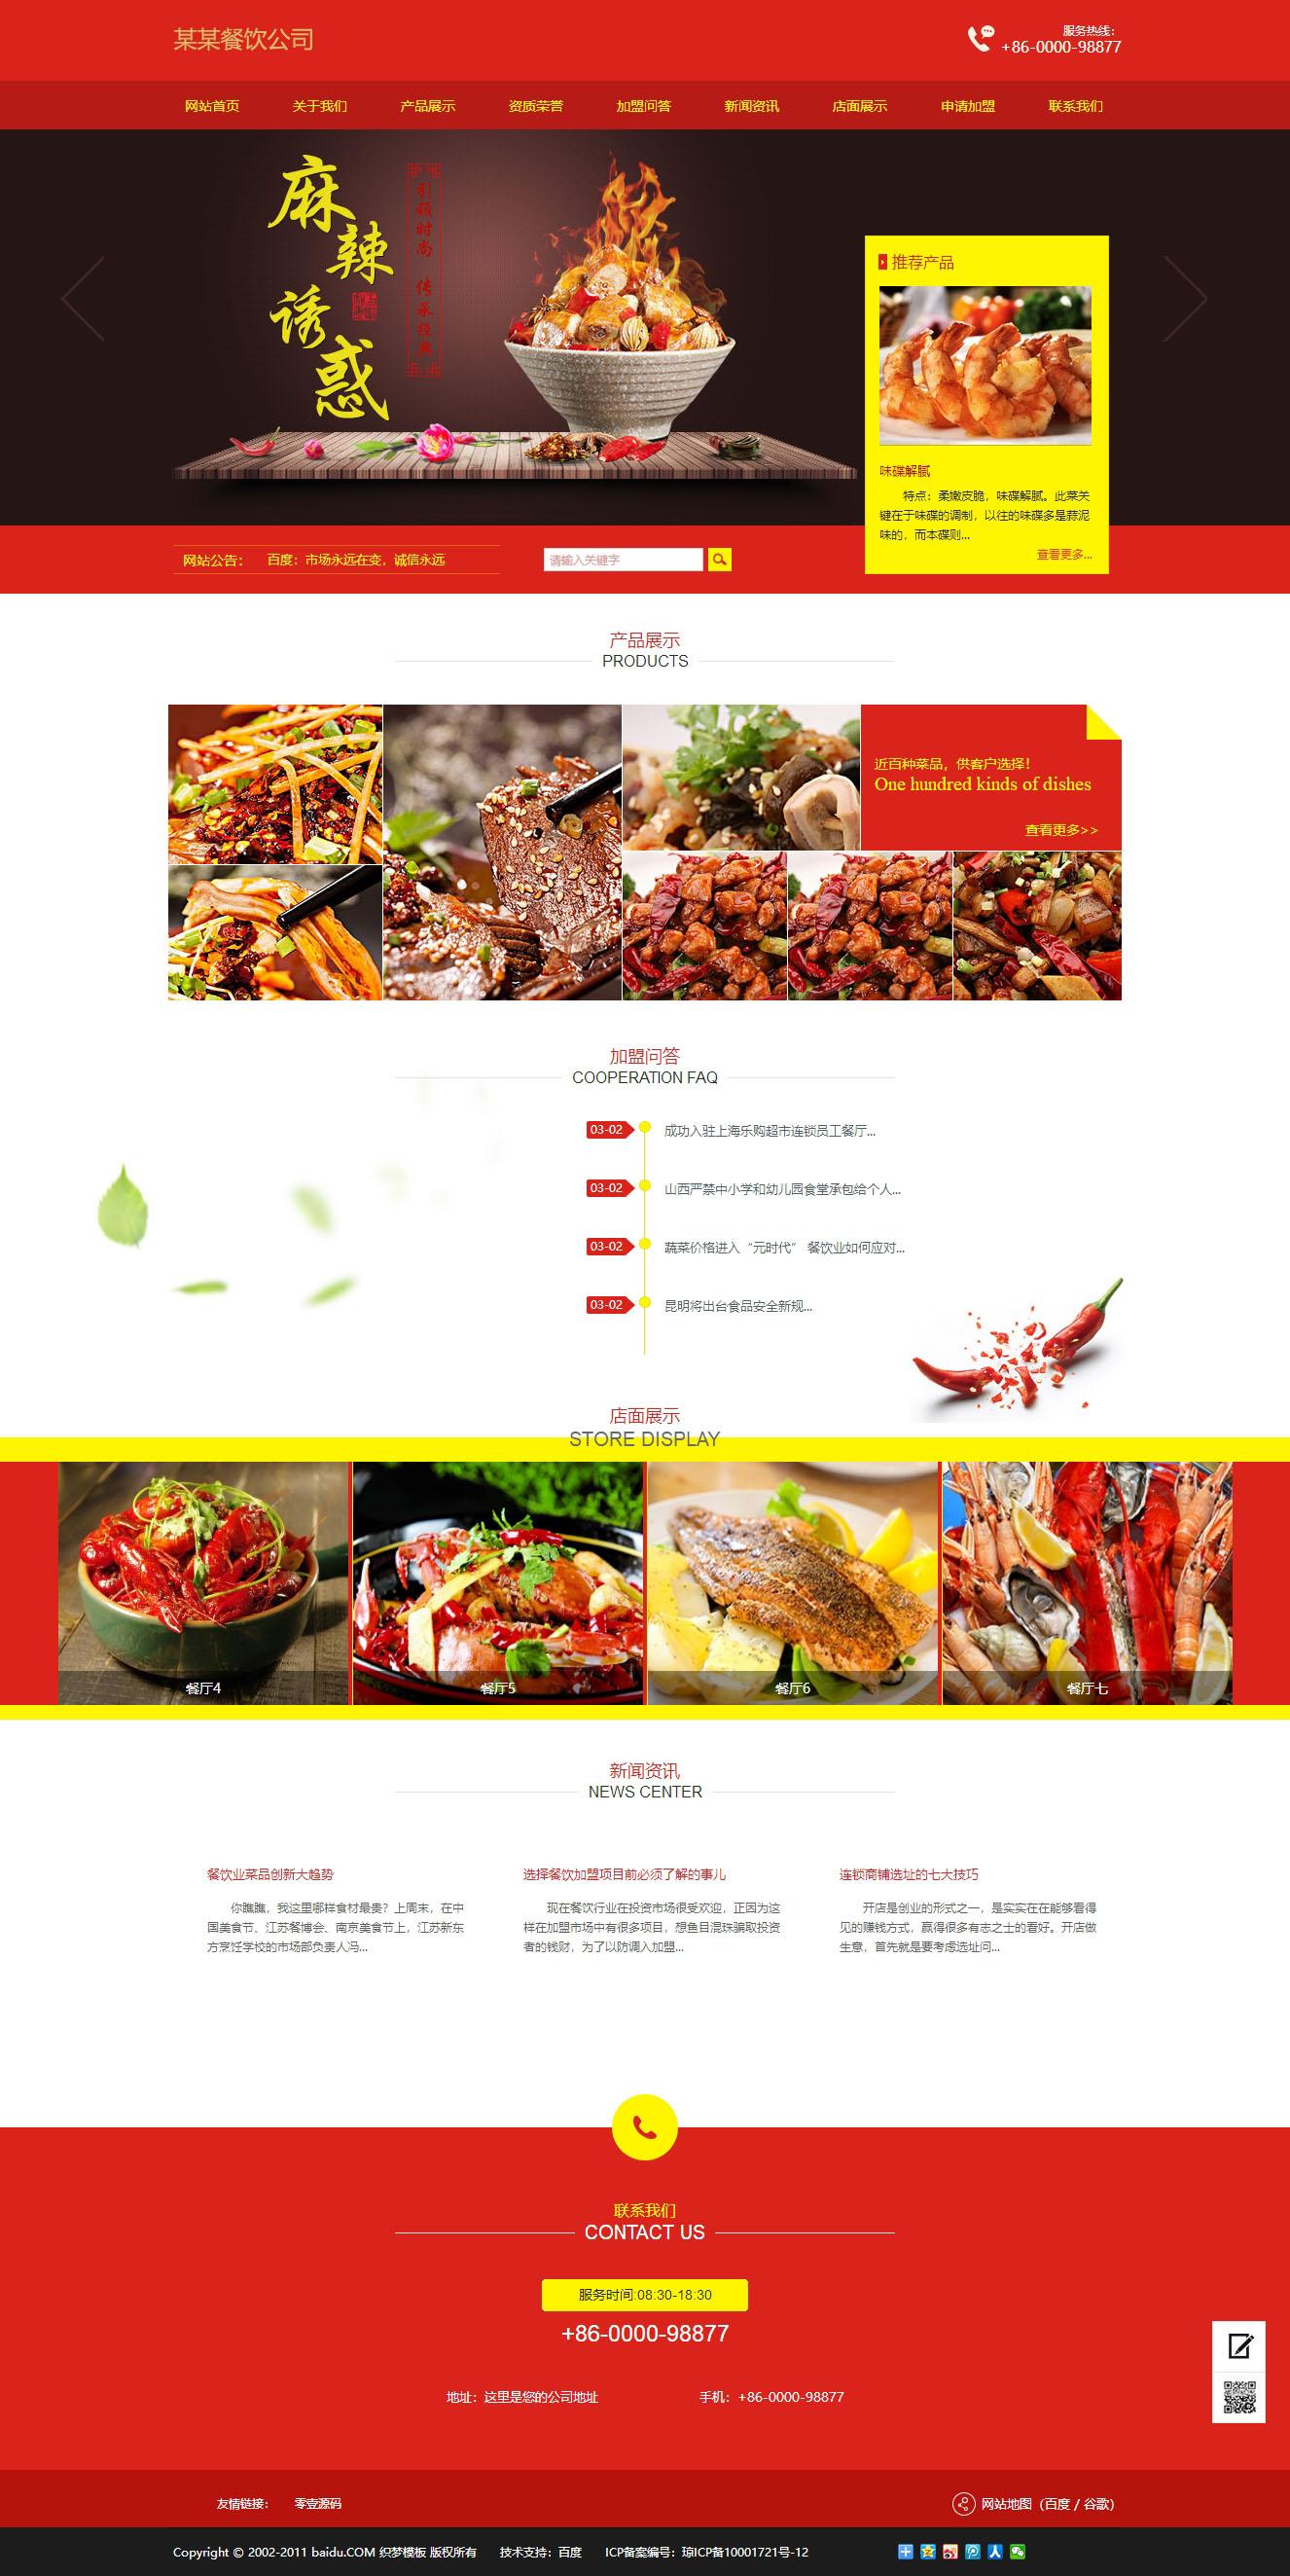 红色风格食品饭店类企业网站织梦dedecms整站模板(带手机端)